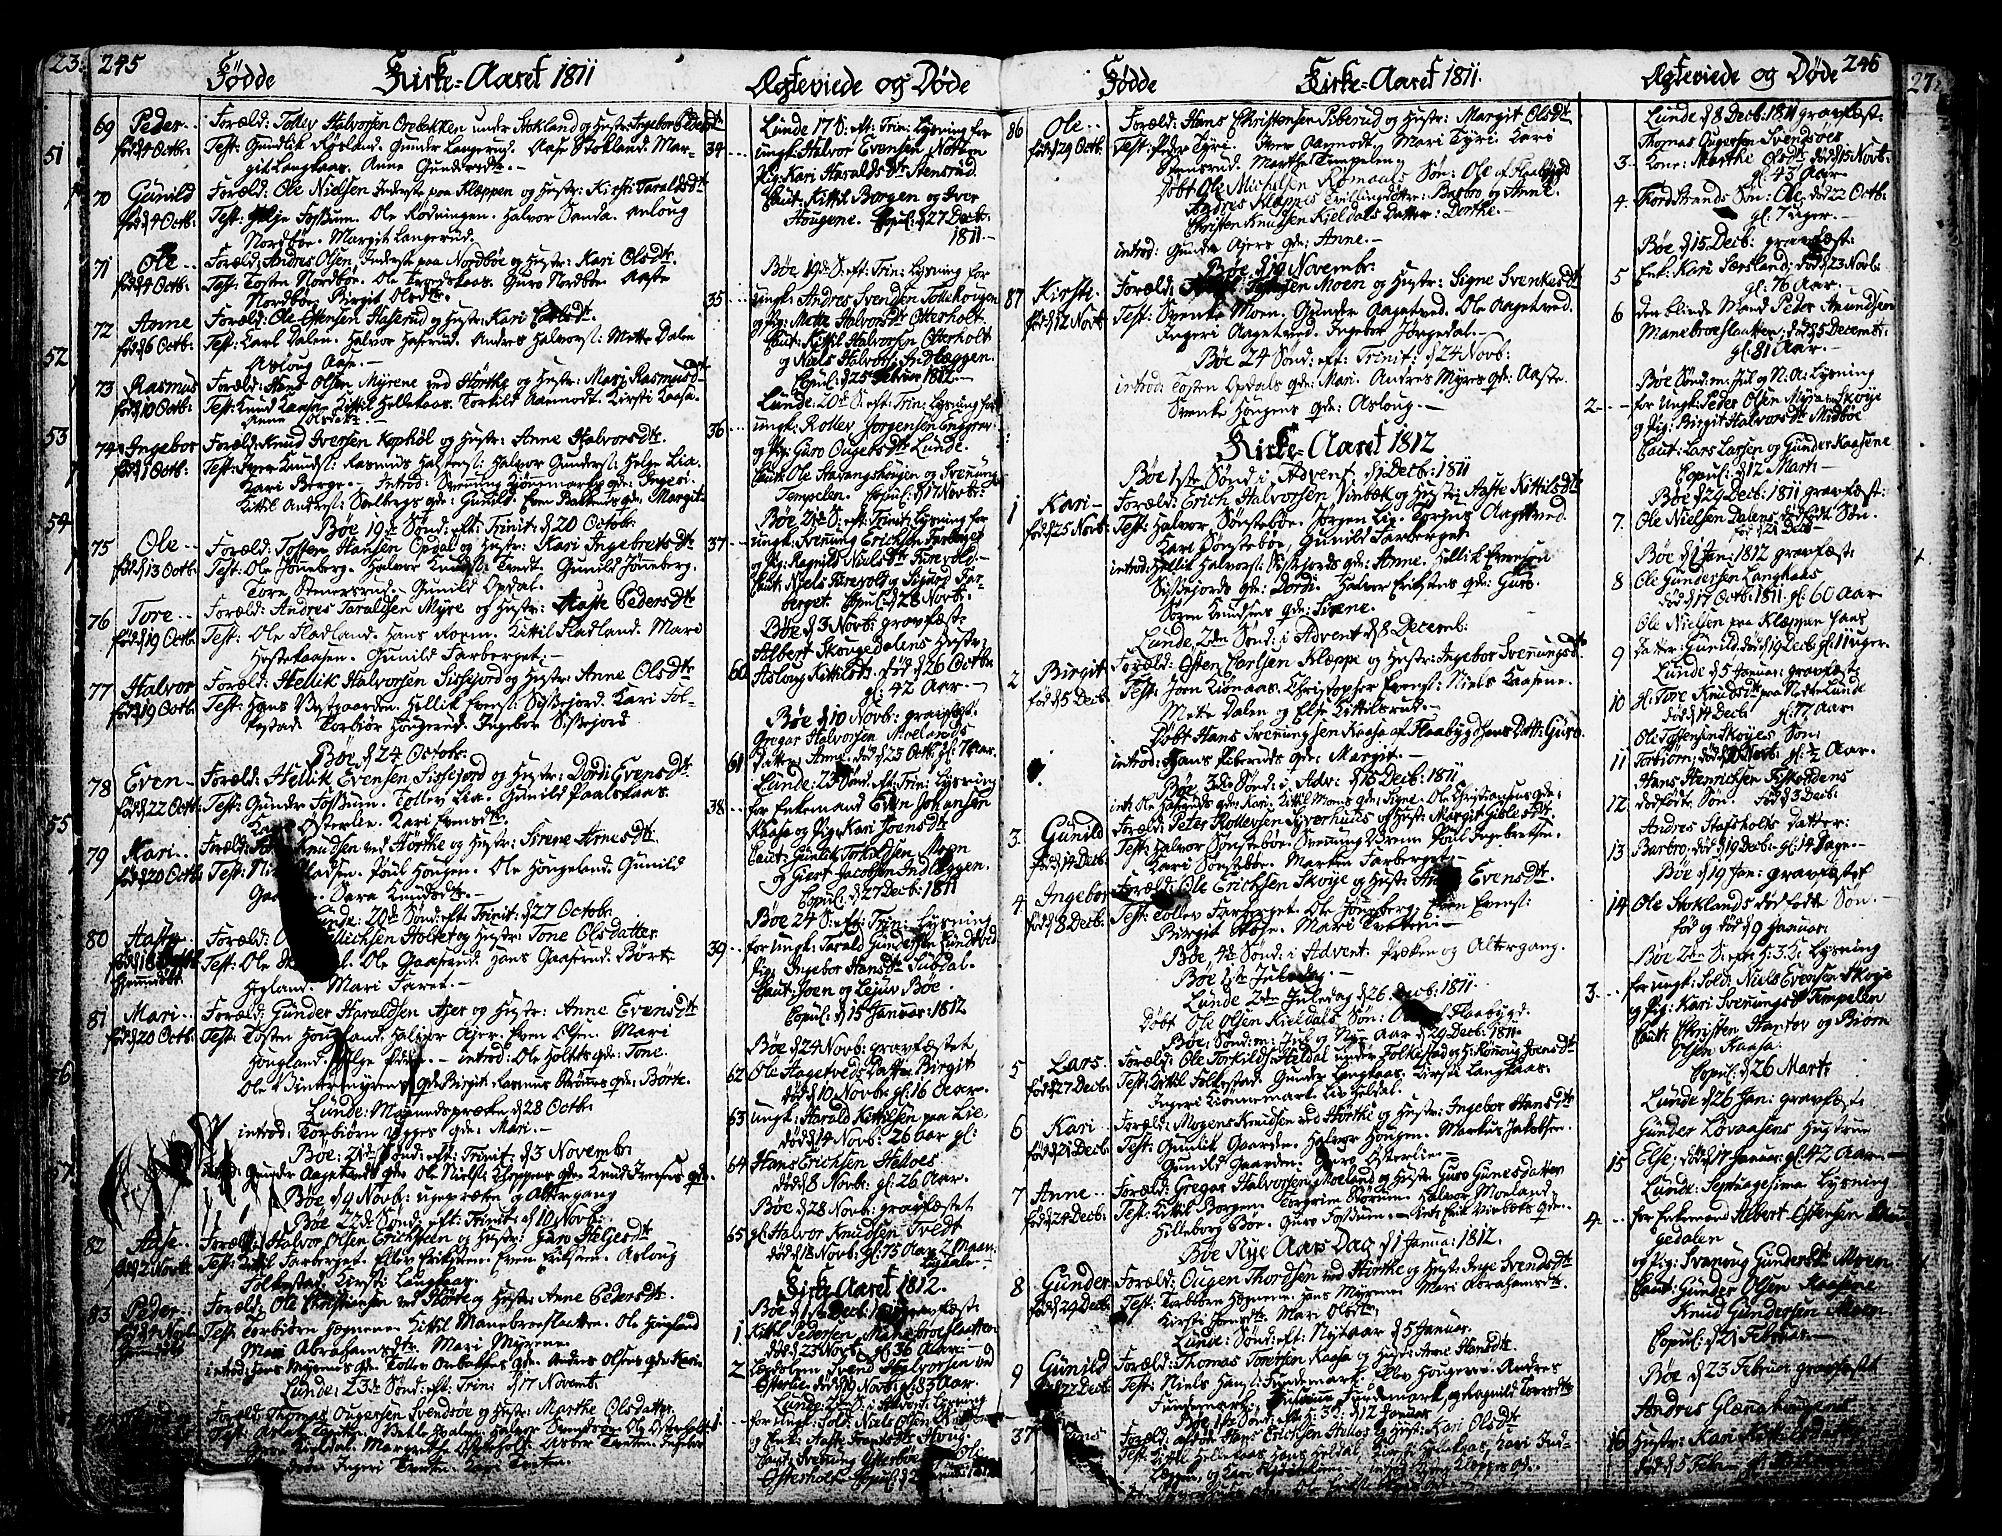 SAKO, Bø kirkebøker, F/Fa/L0005: Ministerialbok nr. 5, 1785-1815, s. 245-246